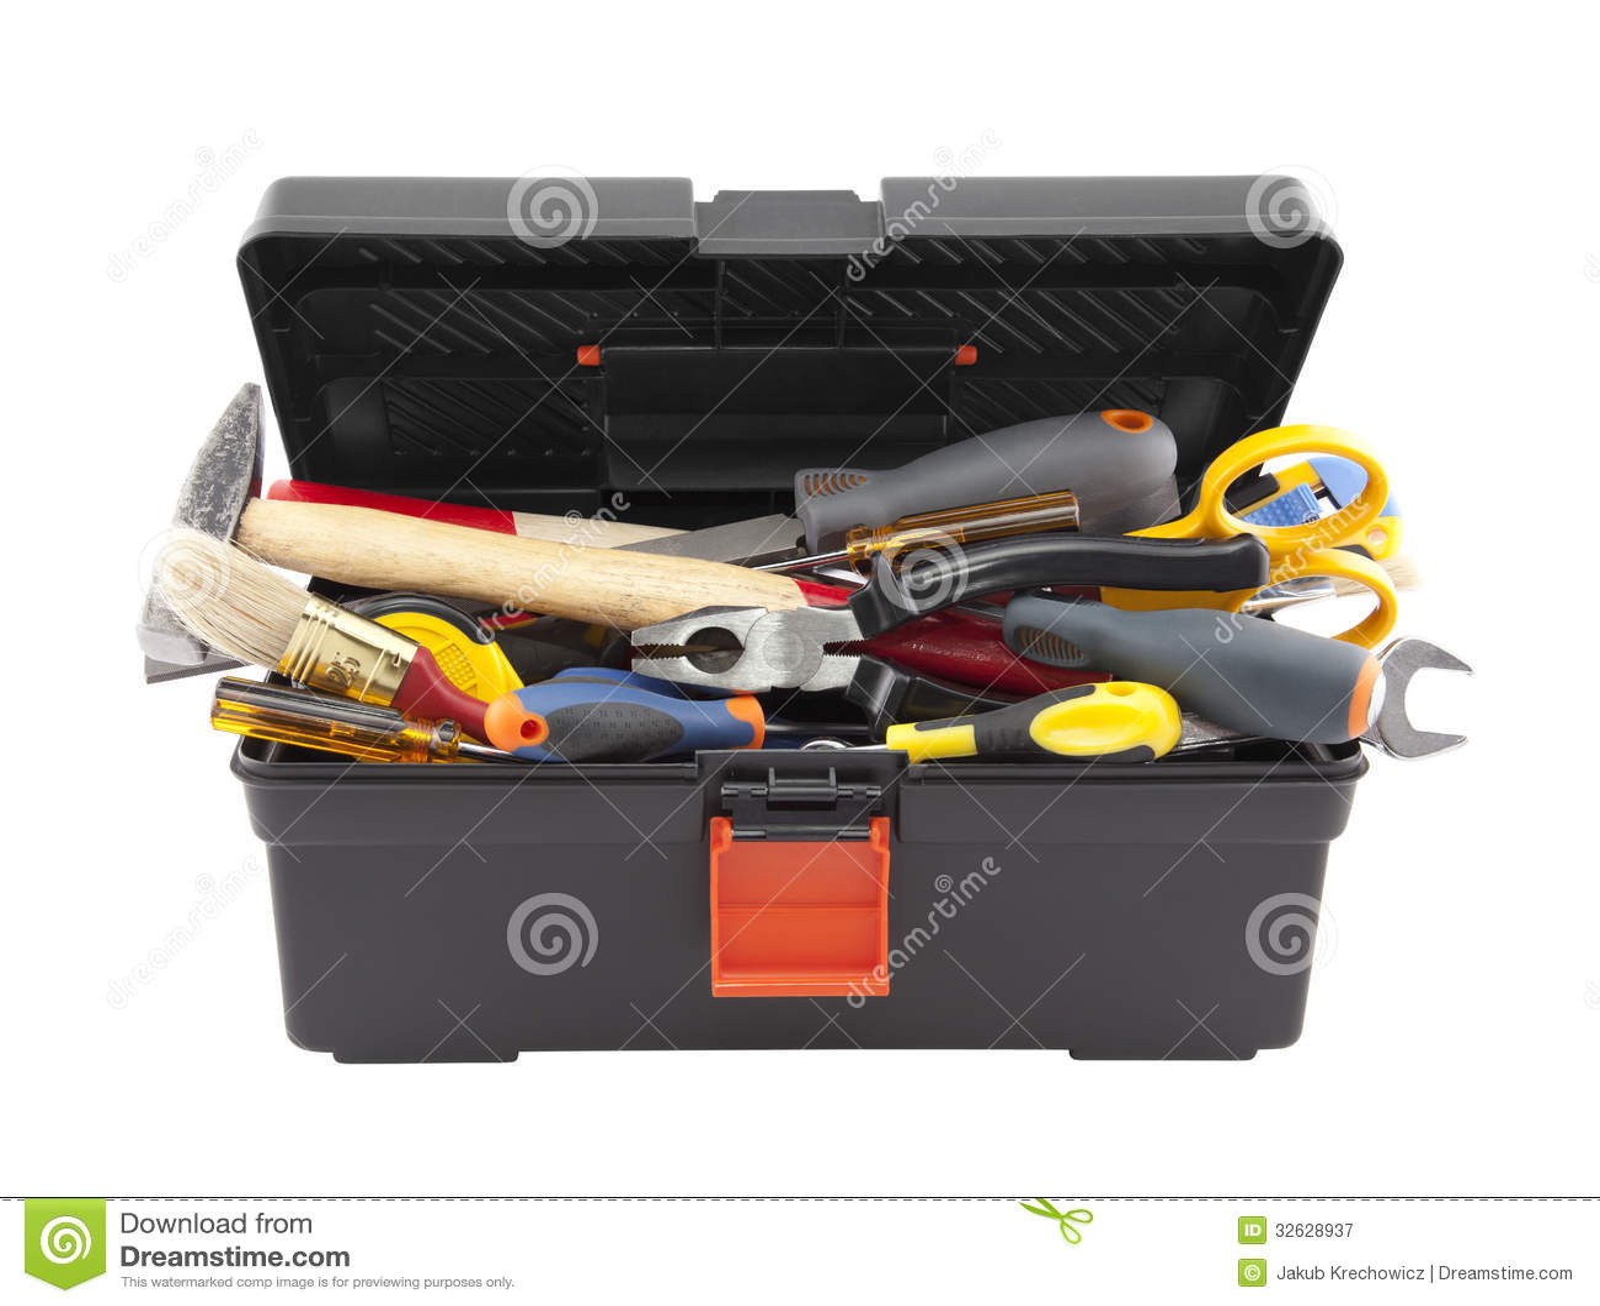 toolbox with tools cartoon vector cartoondealercom